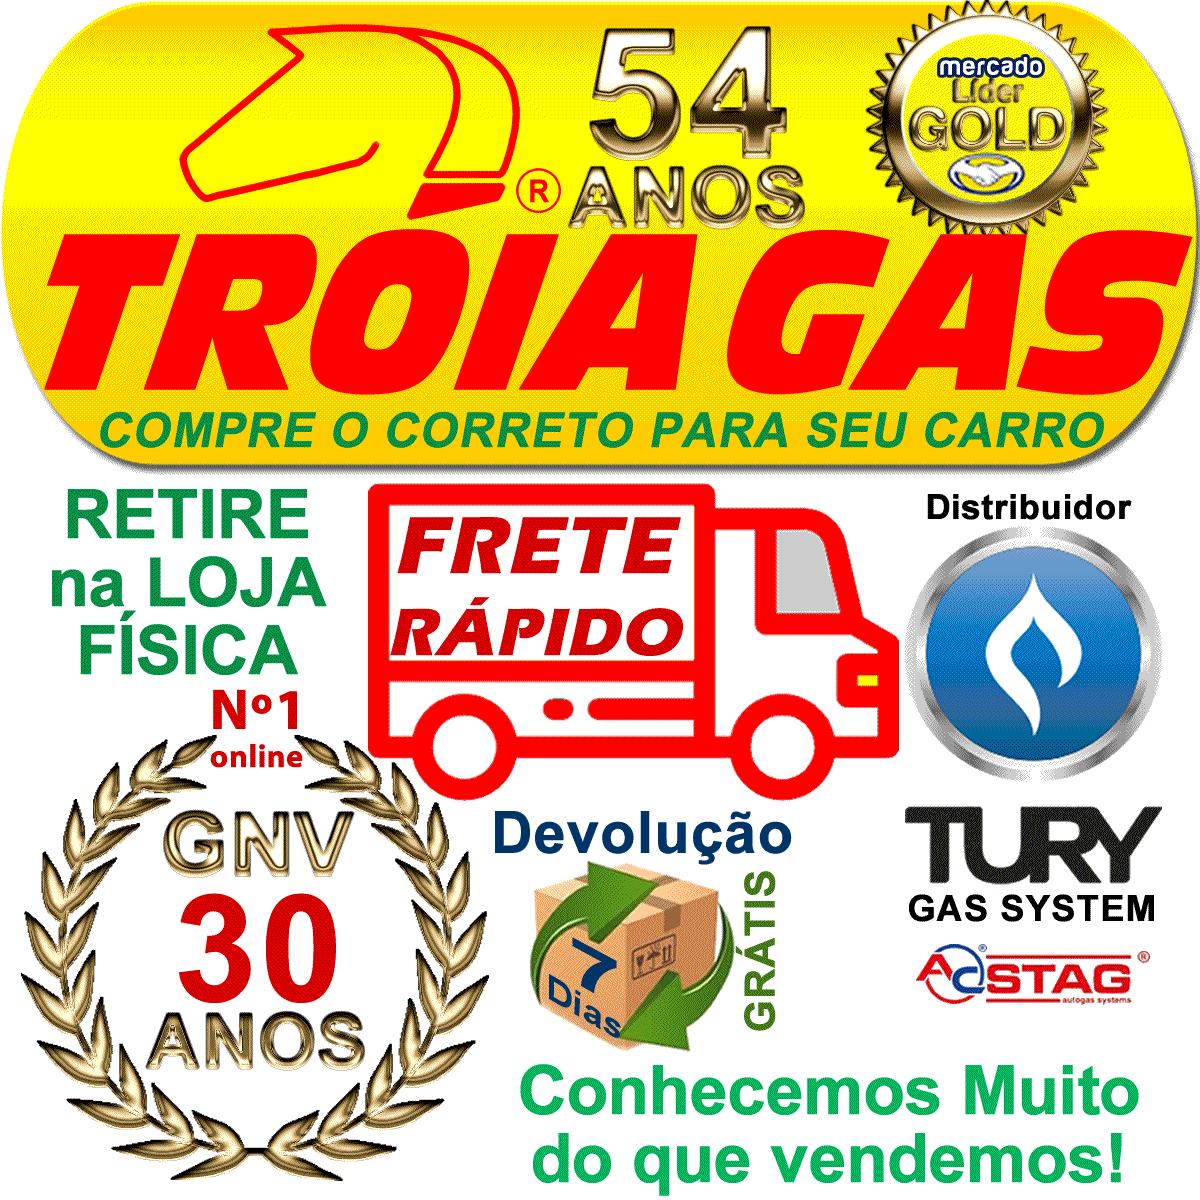 Chave Comutadora Injeção Flex T1001A GNV Completa TURY GAS